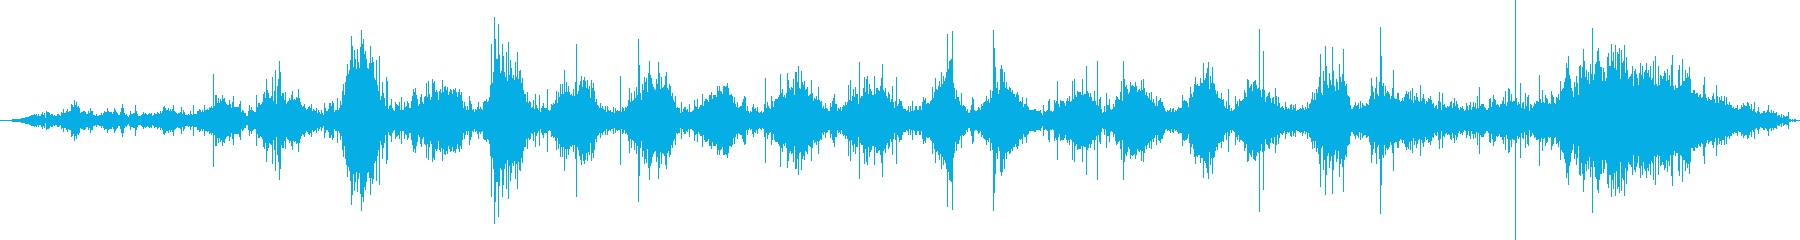 ダウンヒルスキー:オンボード:スキ...の再生済みの波形